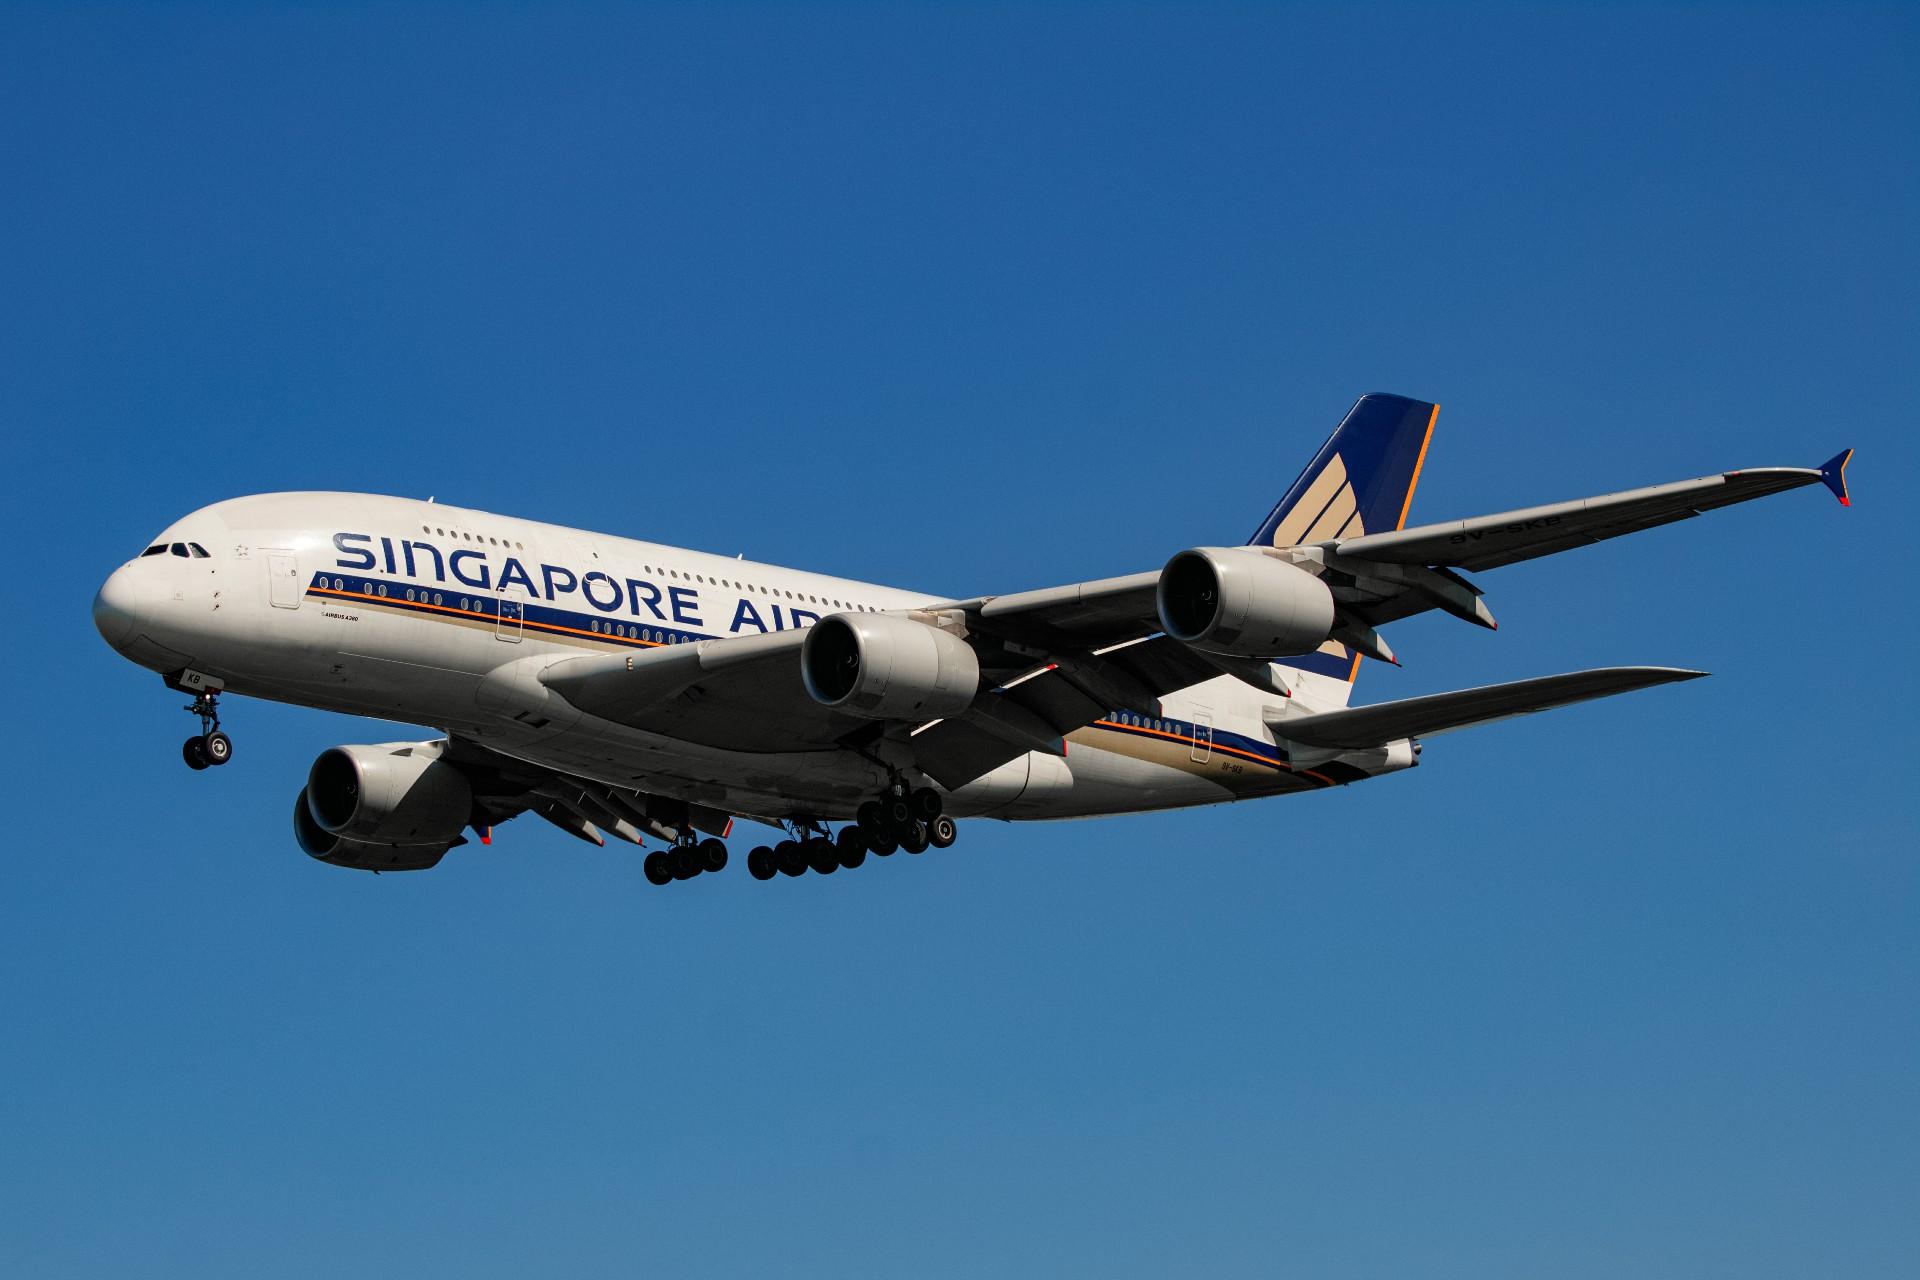 Re:[原创]【Rocketman】8.23 PEK拍机纪行 AIRBUS A380-800 9V-SKB 中国北京首都国际机场